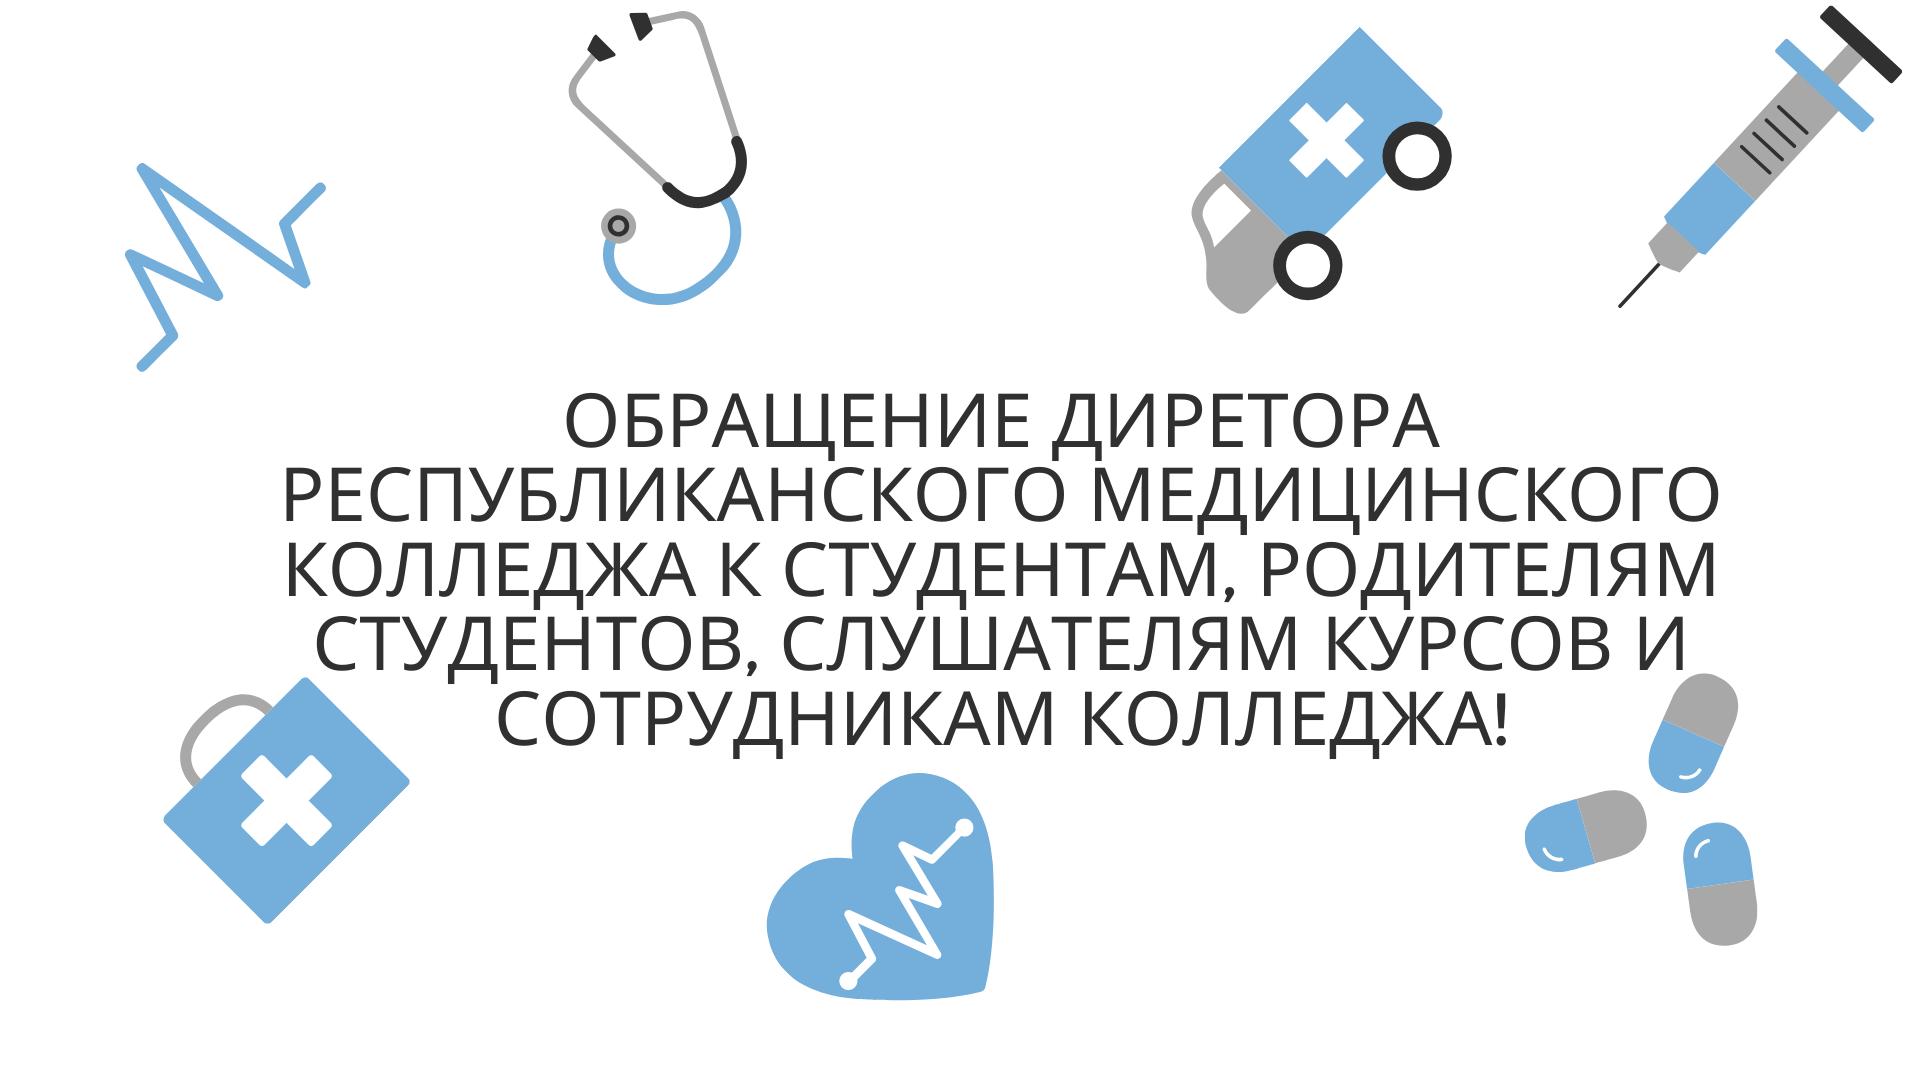 Обращение директора АПОУ УР «РМК МЗ УР» к студентам, родителям, слушателям курсов, сотрудникам колледжа!